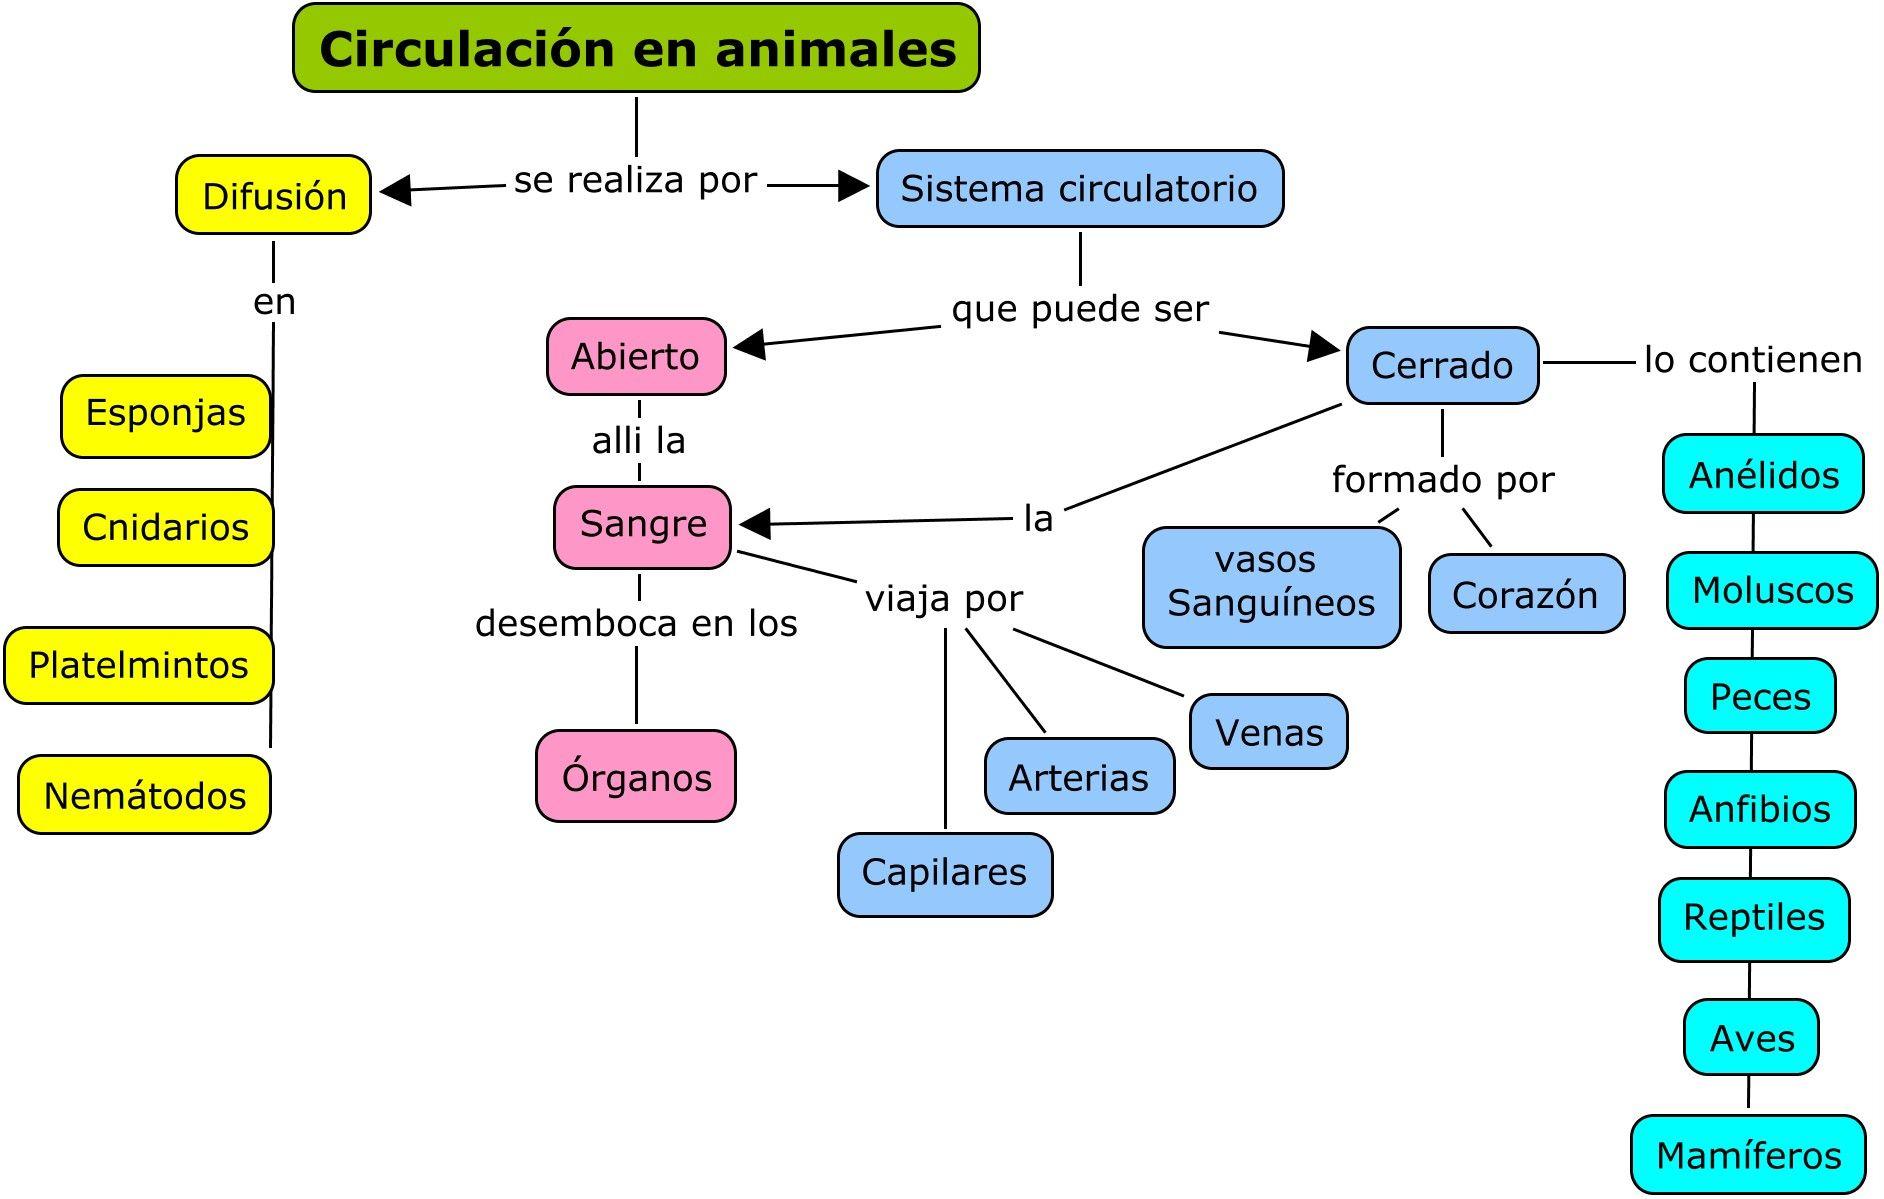 Circulacion En Animales Investiciencias Com Circulacion Sistema Circulatorio Abierto Sistema Circulatorio Cerrado